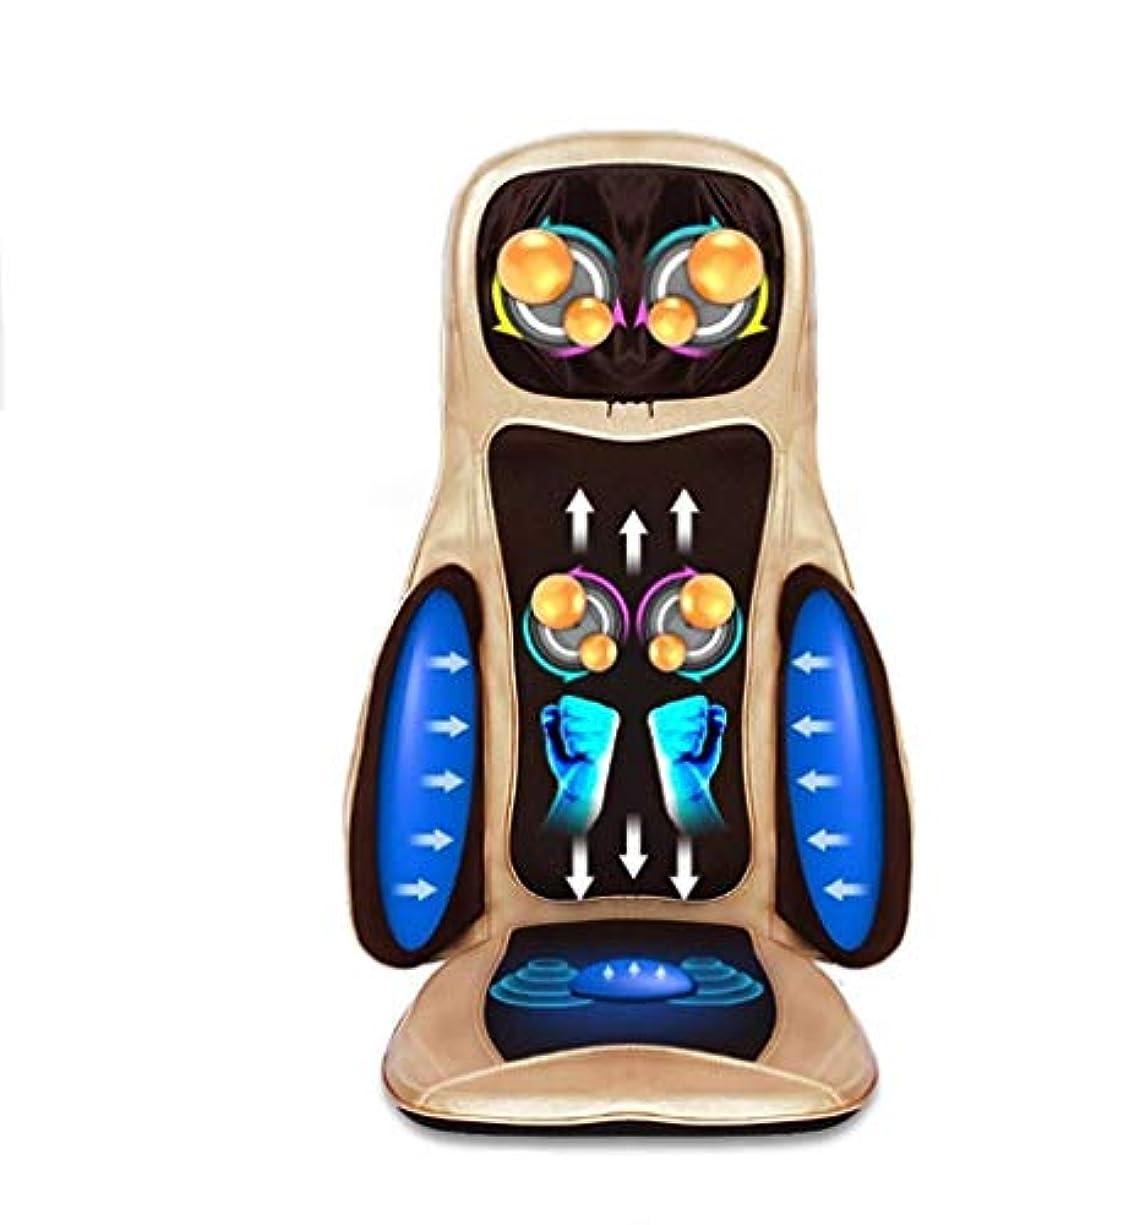 うなずく剥離消費者電気マッサージクッション、指圧マッサージクッション、背中の肩の全身振動マッサージ、15分間の過熱保護、ホームオフィス車両に適した、疲労/圧力の緩和